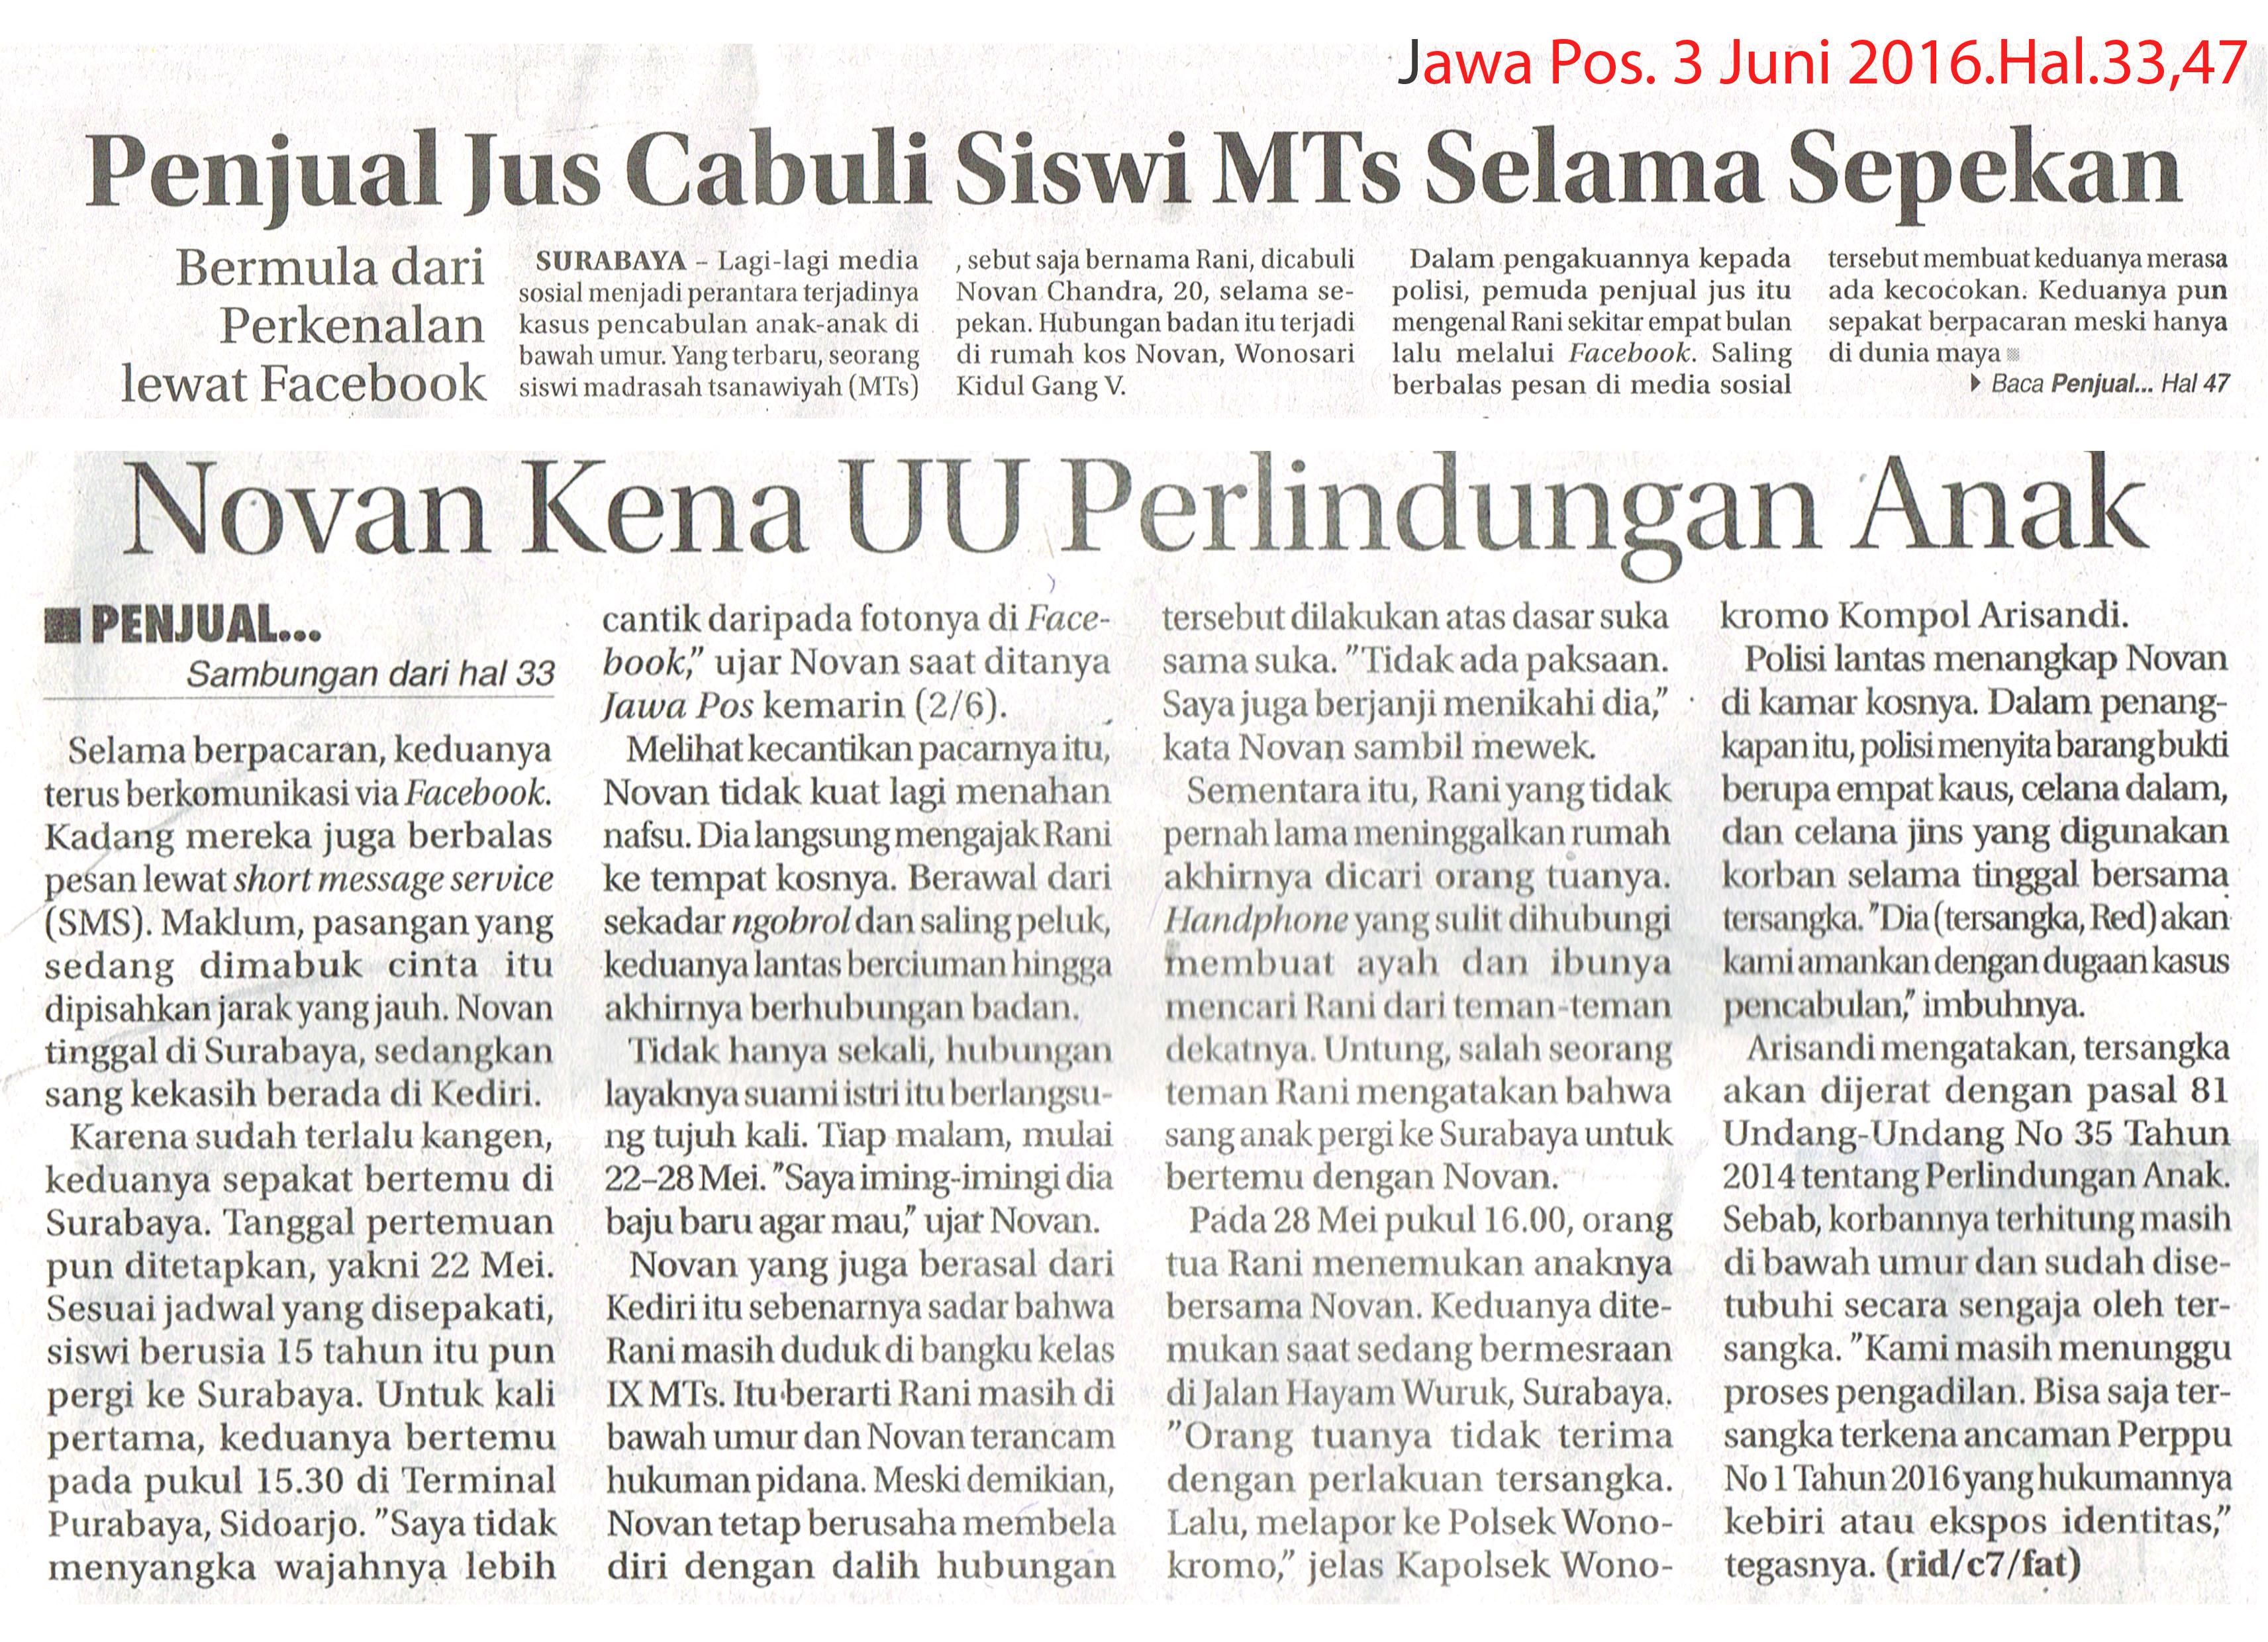 Penjual Jus Cabuli Siswi MTs Selama Sepekan. Jawa Pos.3 Juni 2016.Hal.33,47